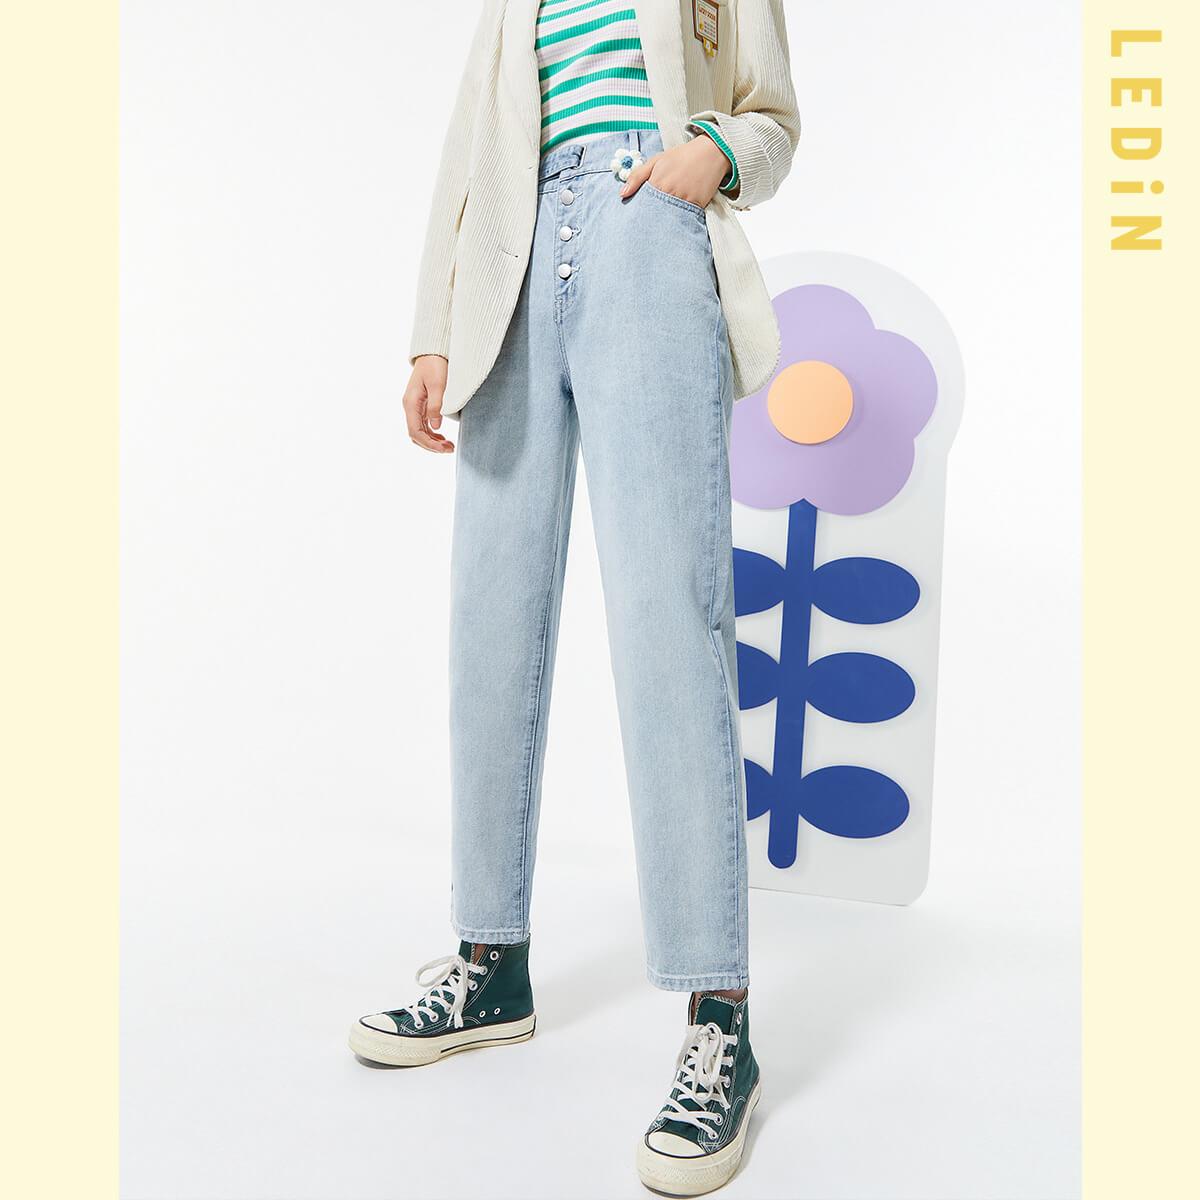 直筒牛仔褲女2021年春季新款褲子女裝童趣花花牛仔褲寬鬆